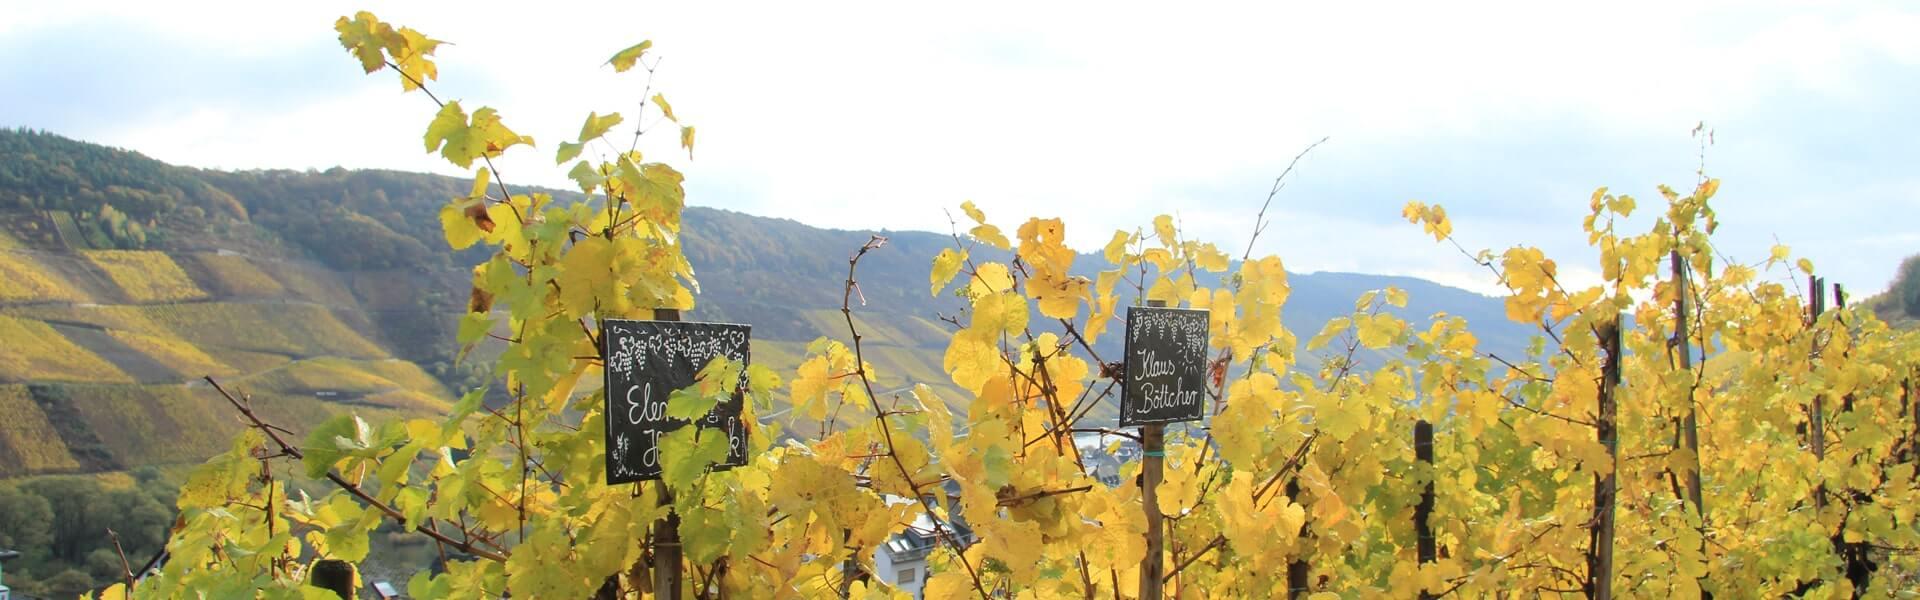 Weinwanderung in Deutschlands schönsten Weinregionen als aktiven und kulinarische Betriebsausflug Idee von b-ceed